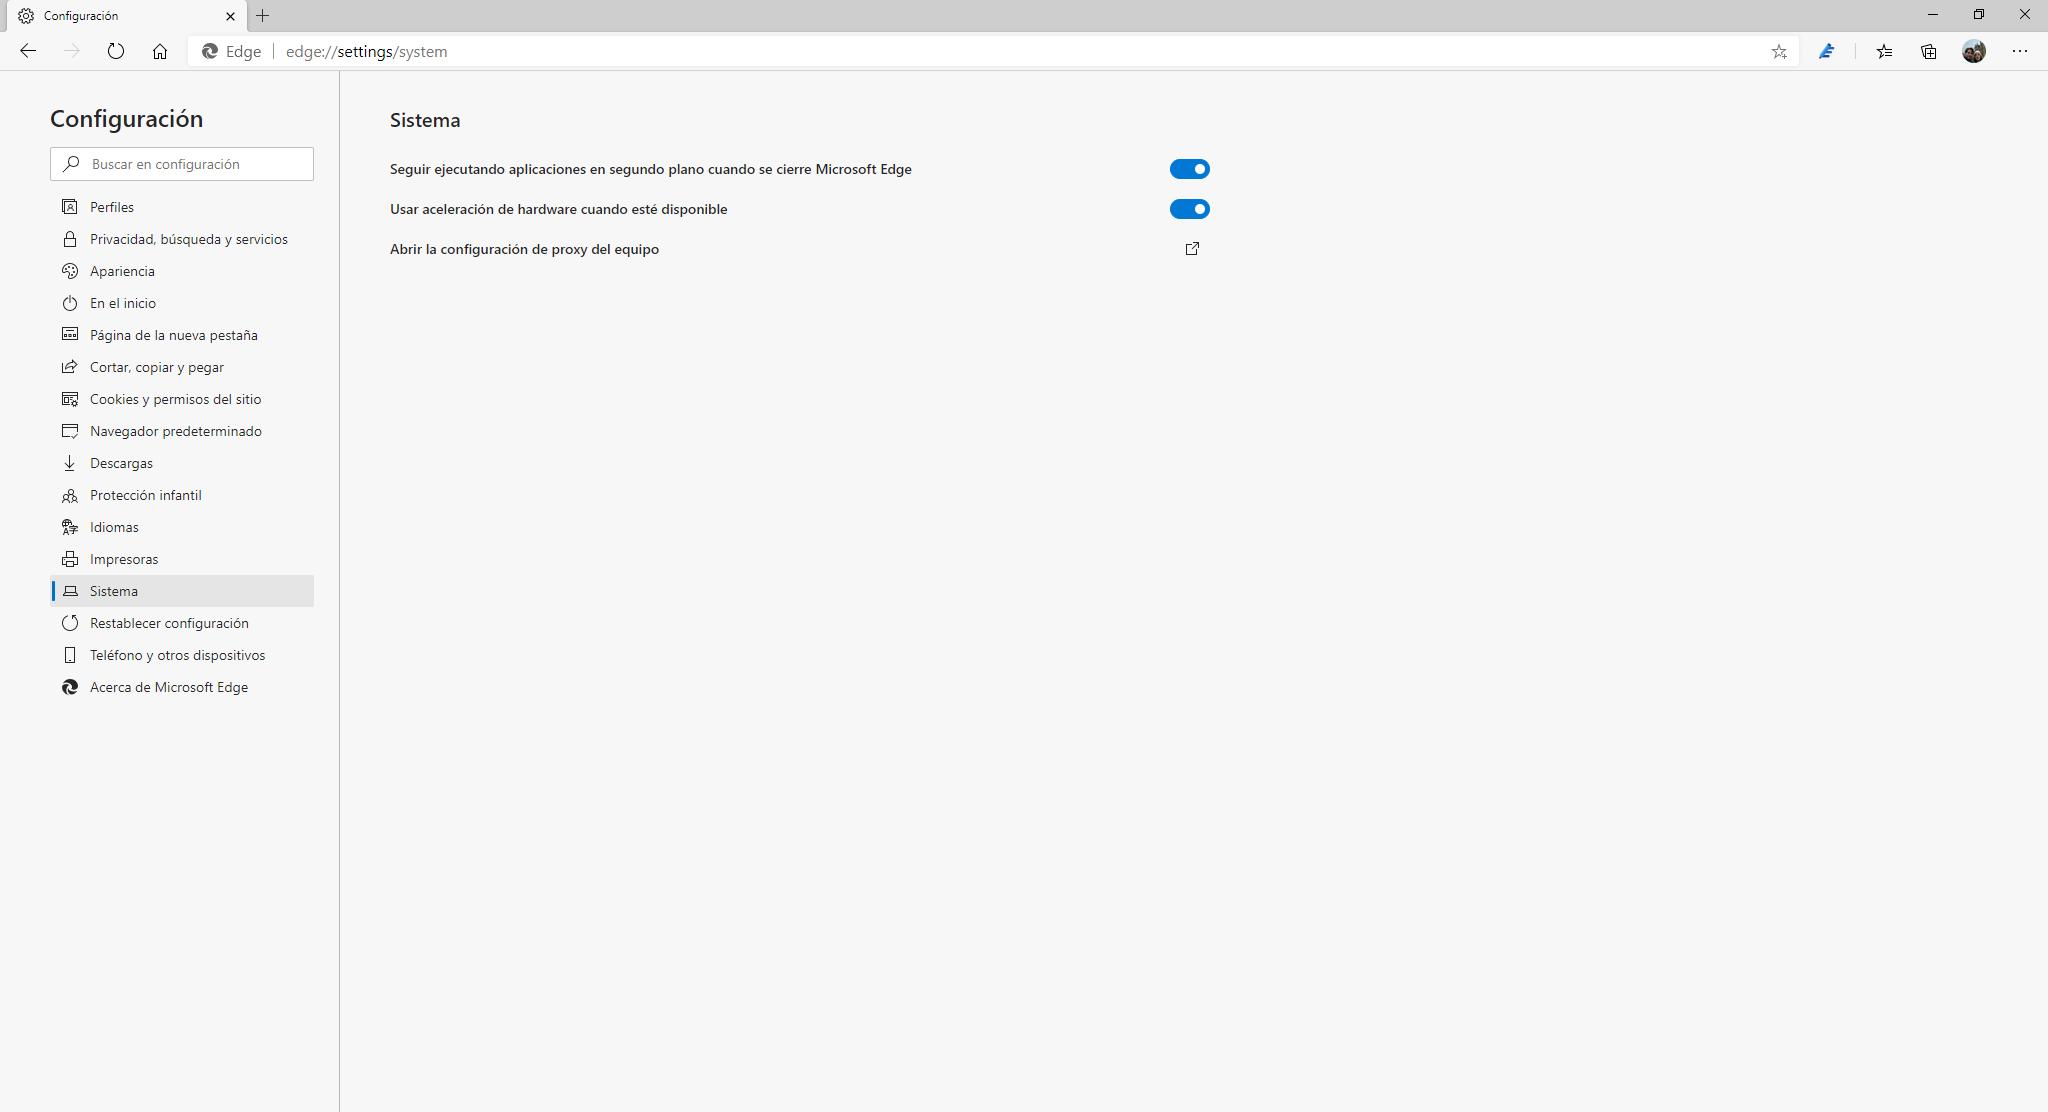 El área de sistema en Microsoft Edge